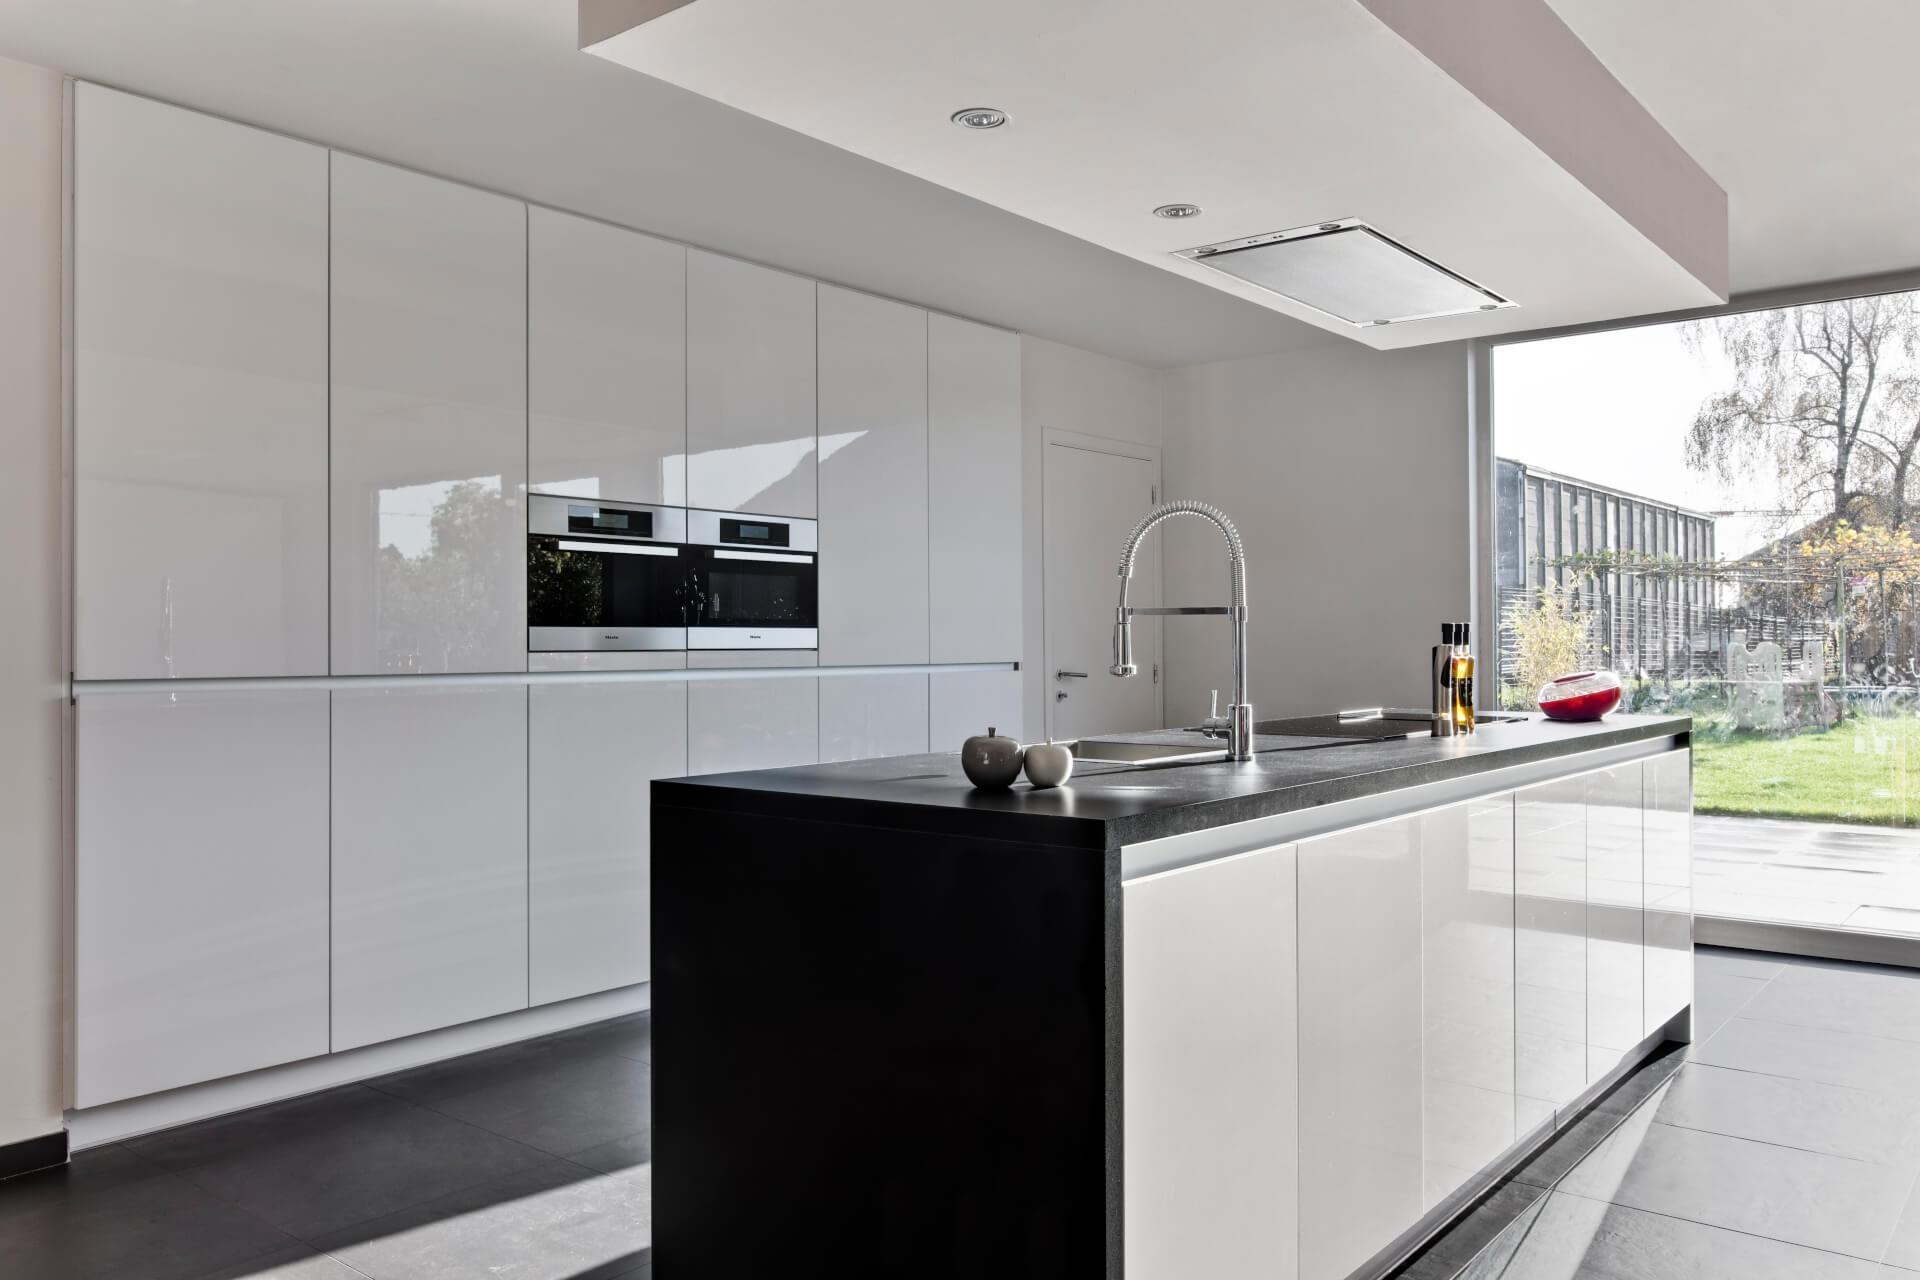 Moderne l keuken interieur meubilair idee n for Keuken interieur